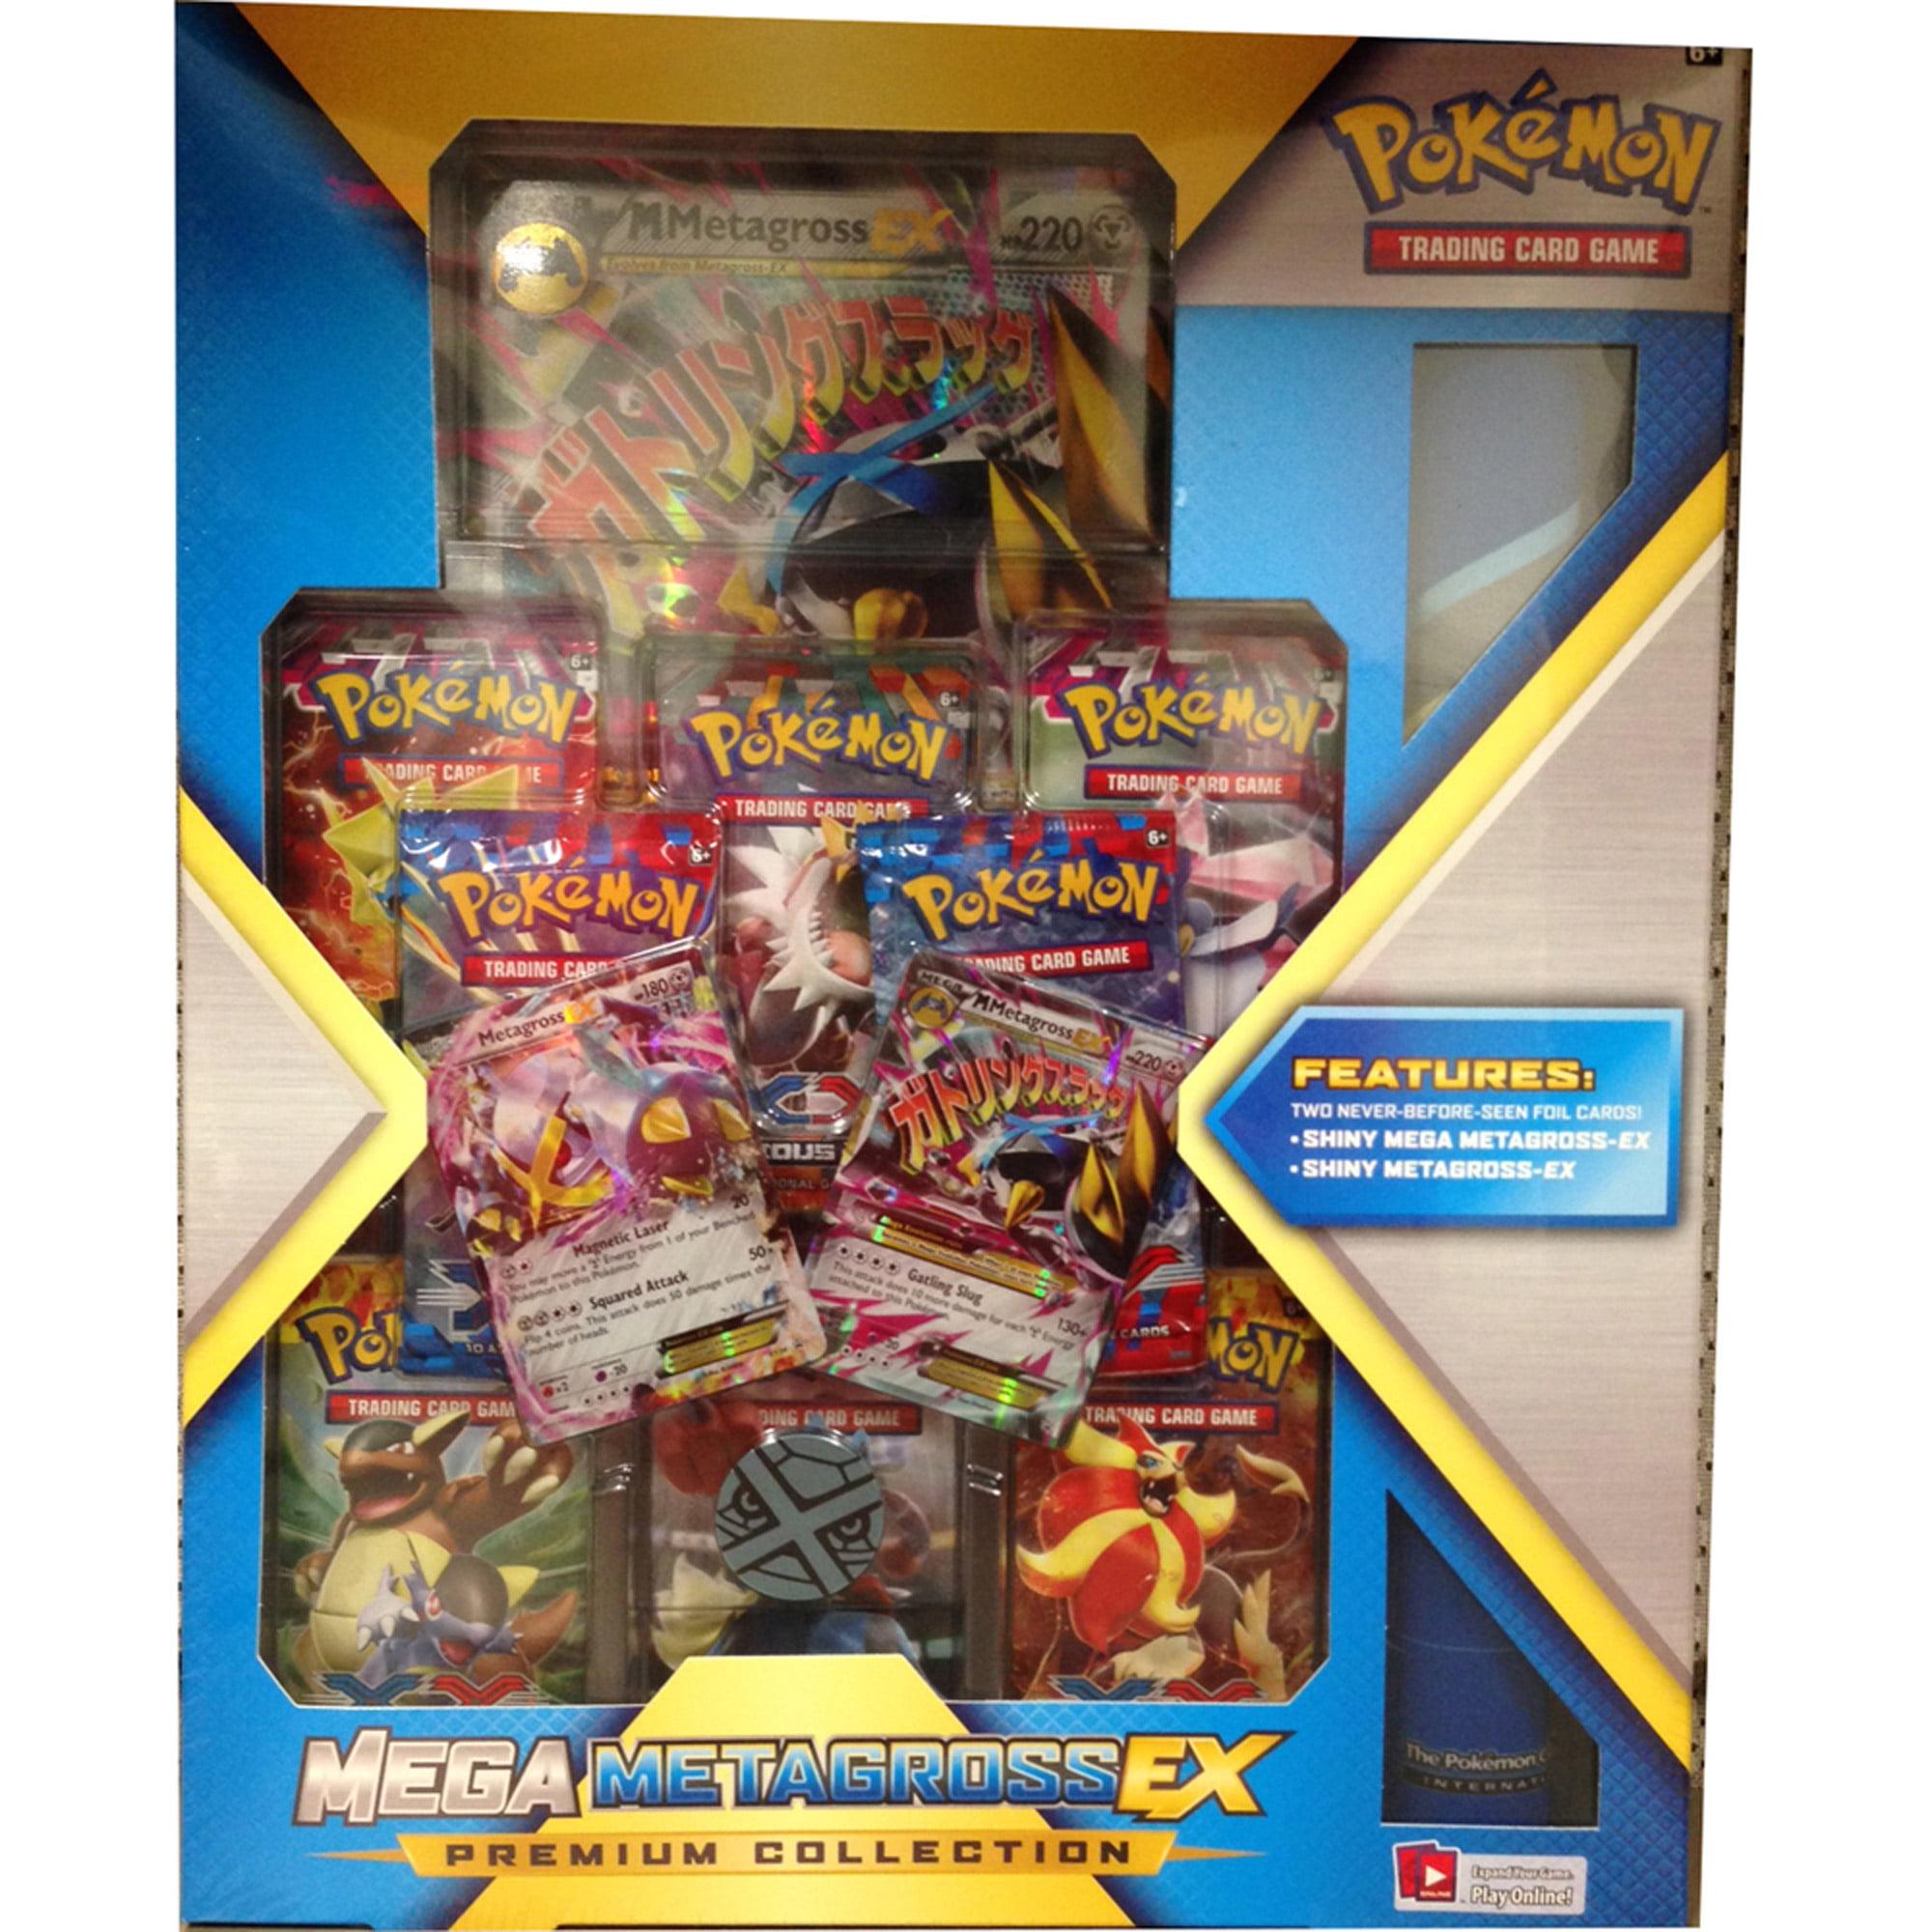 Pokemon Mega Metagross-EX Premium Collection Box by Pokemon